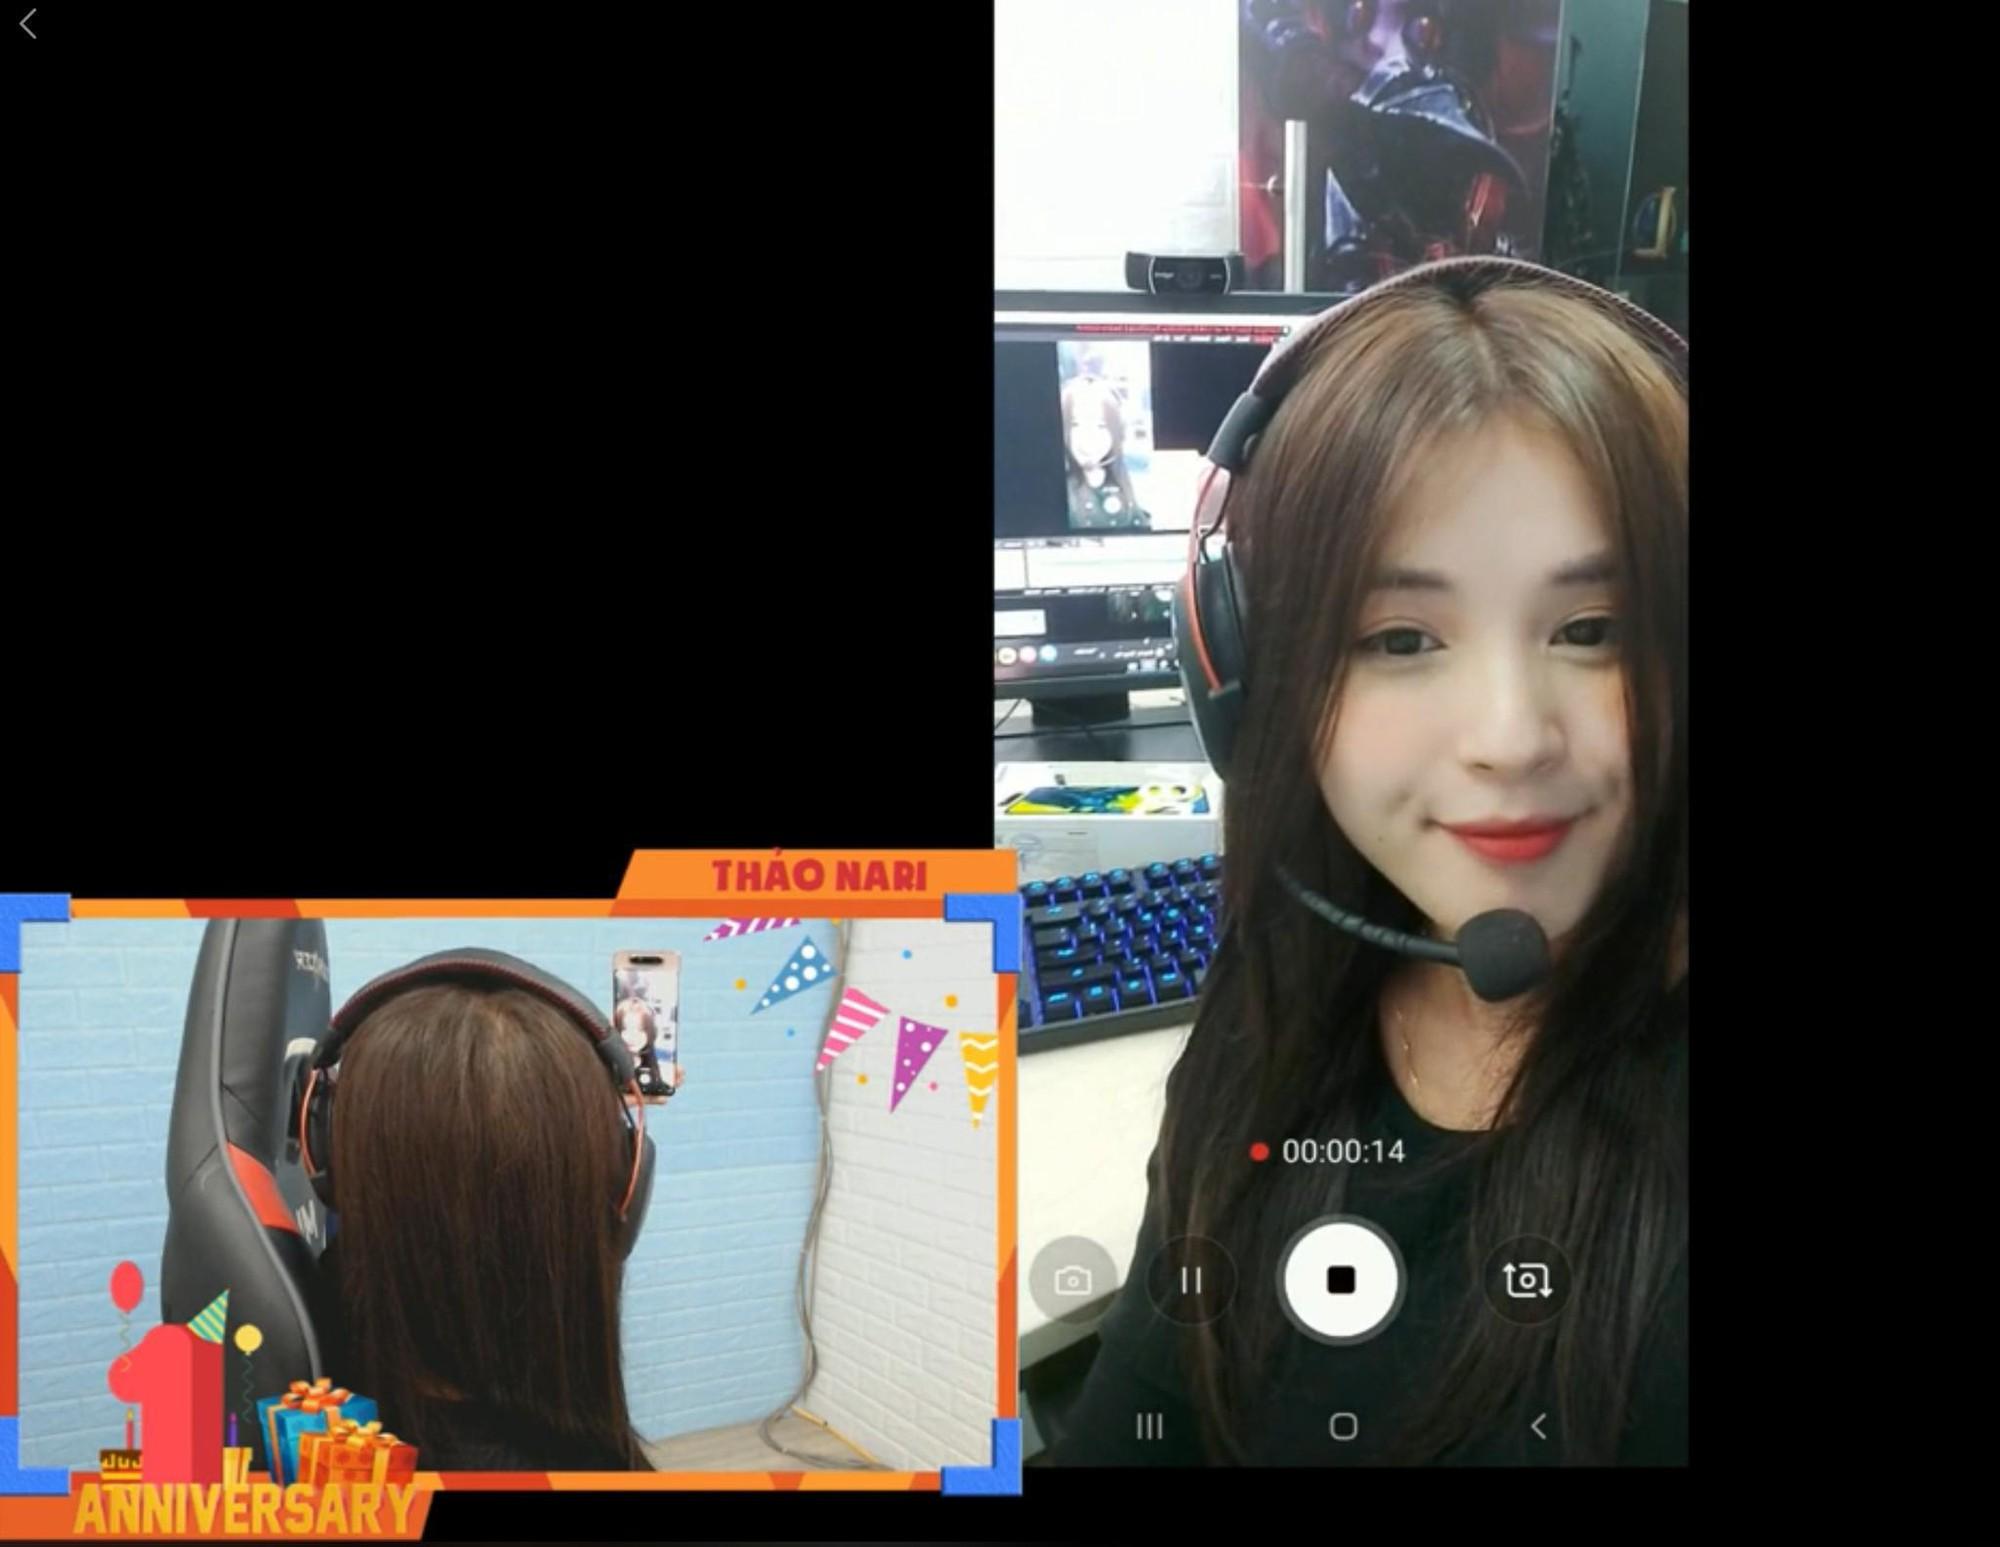 Trai xinh Trần Ba Duy và gái đẹp Thảo Nari cùng bật mí vũ khí bí mật khi livestream - Ảnh 4.